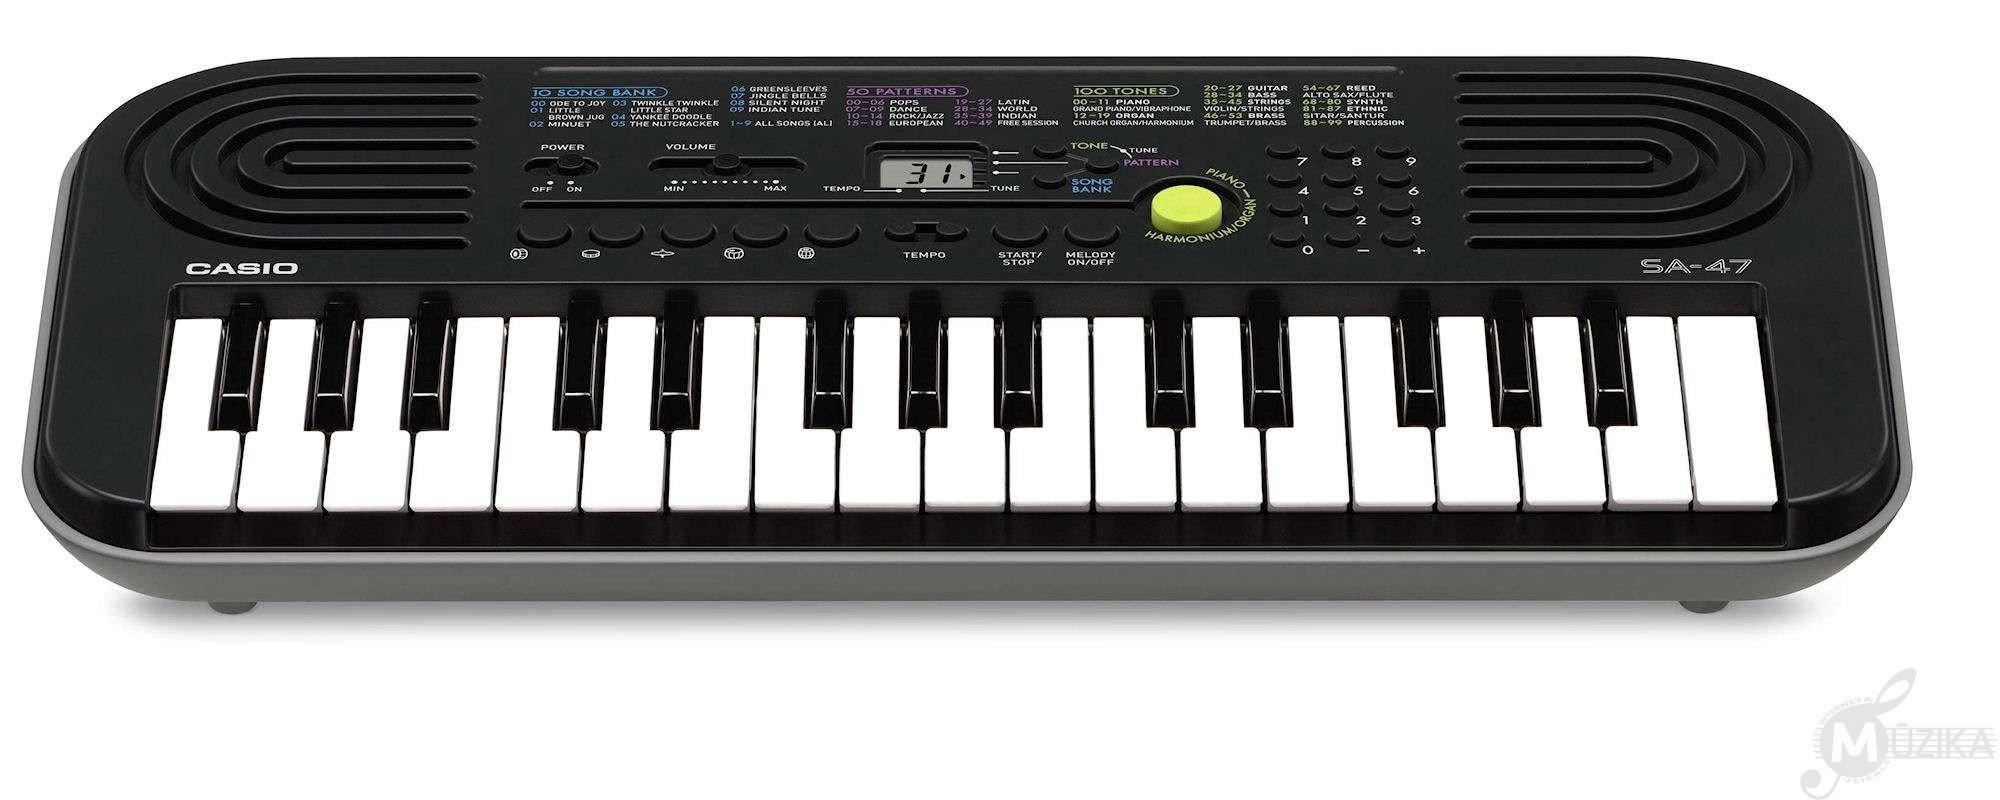 little sa-47 casio keyboard